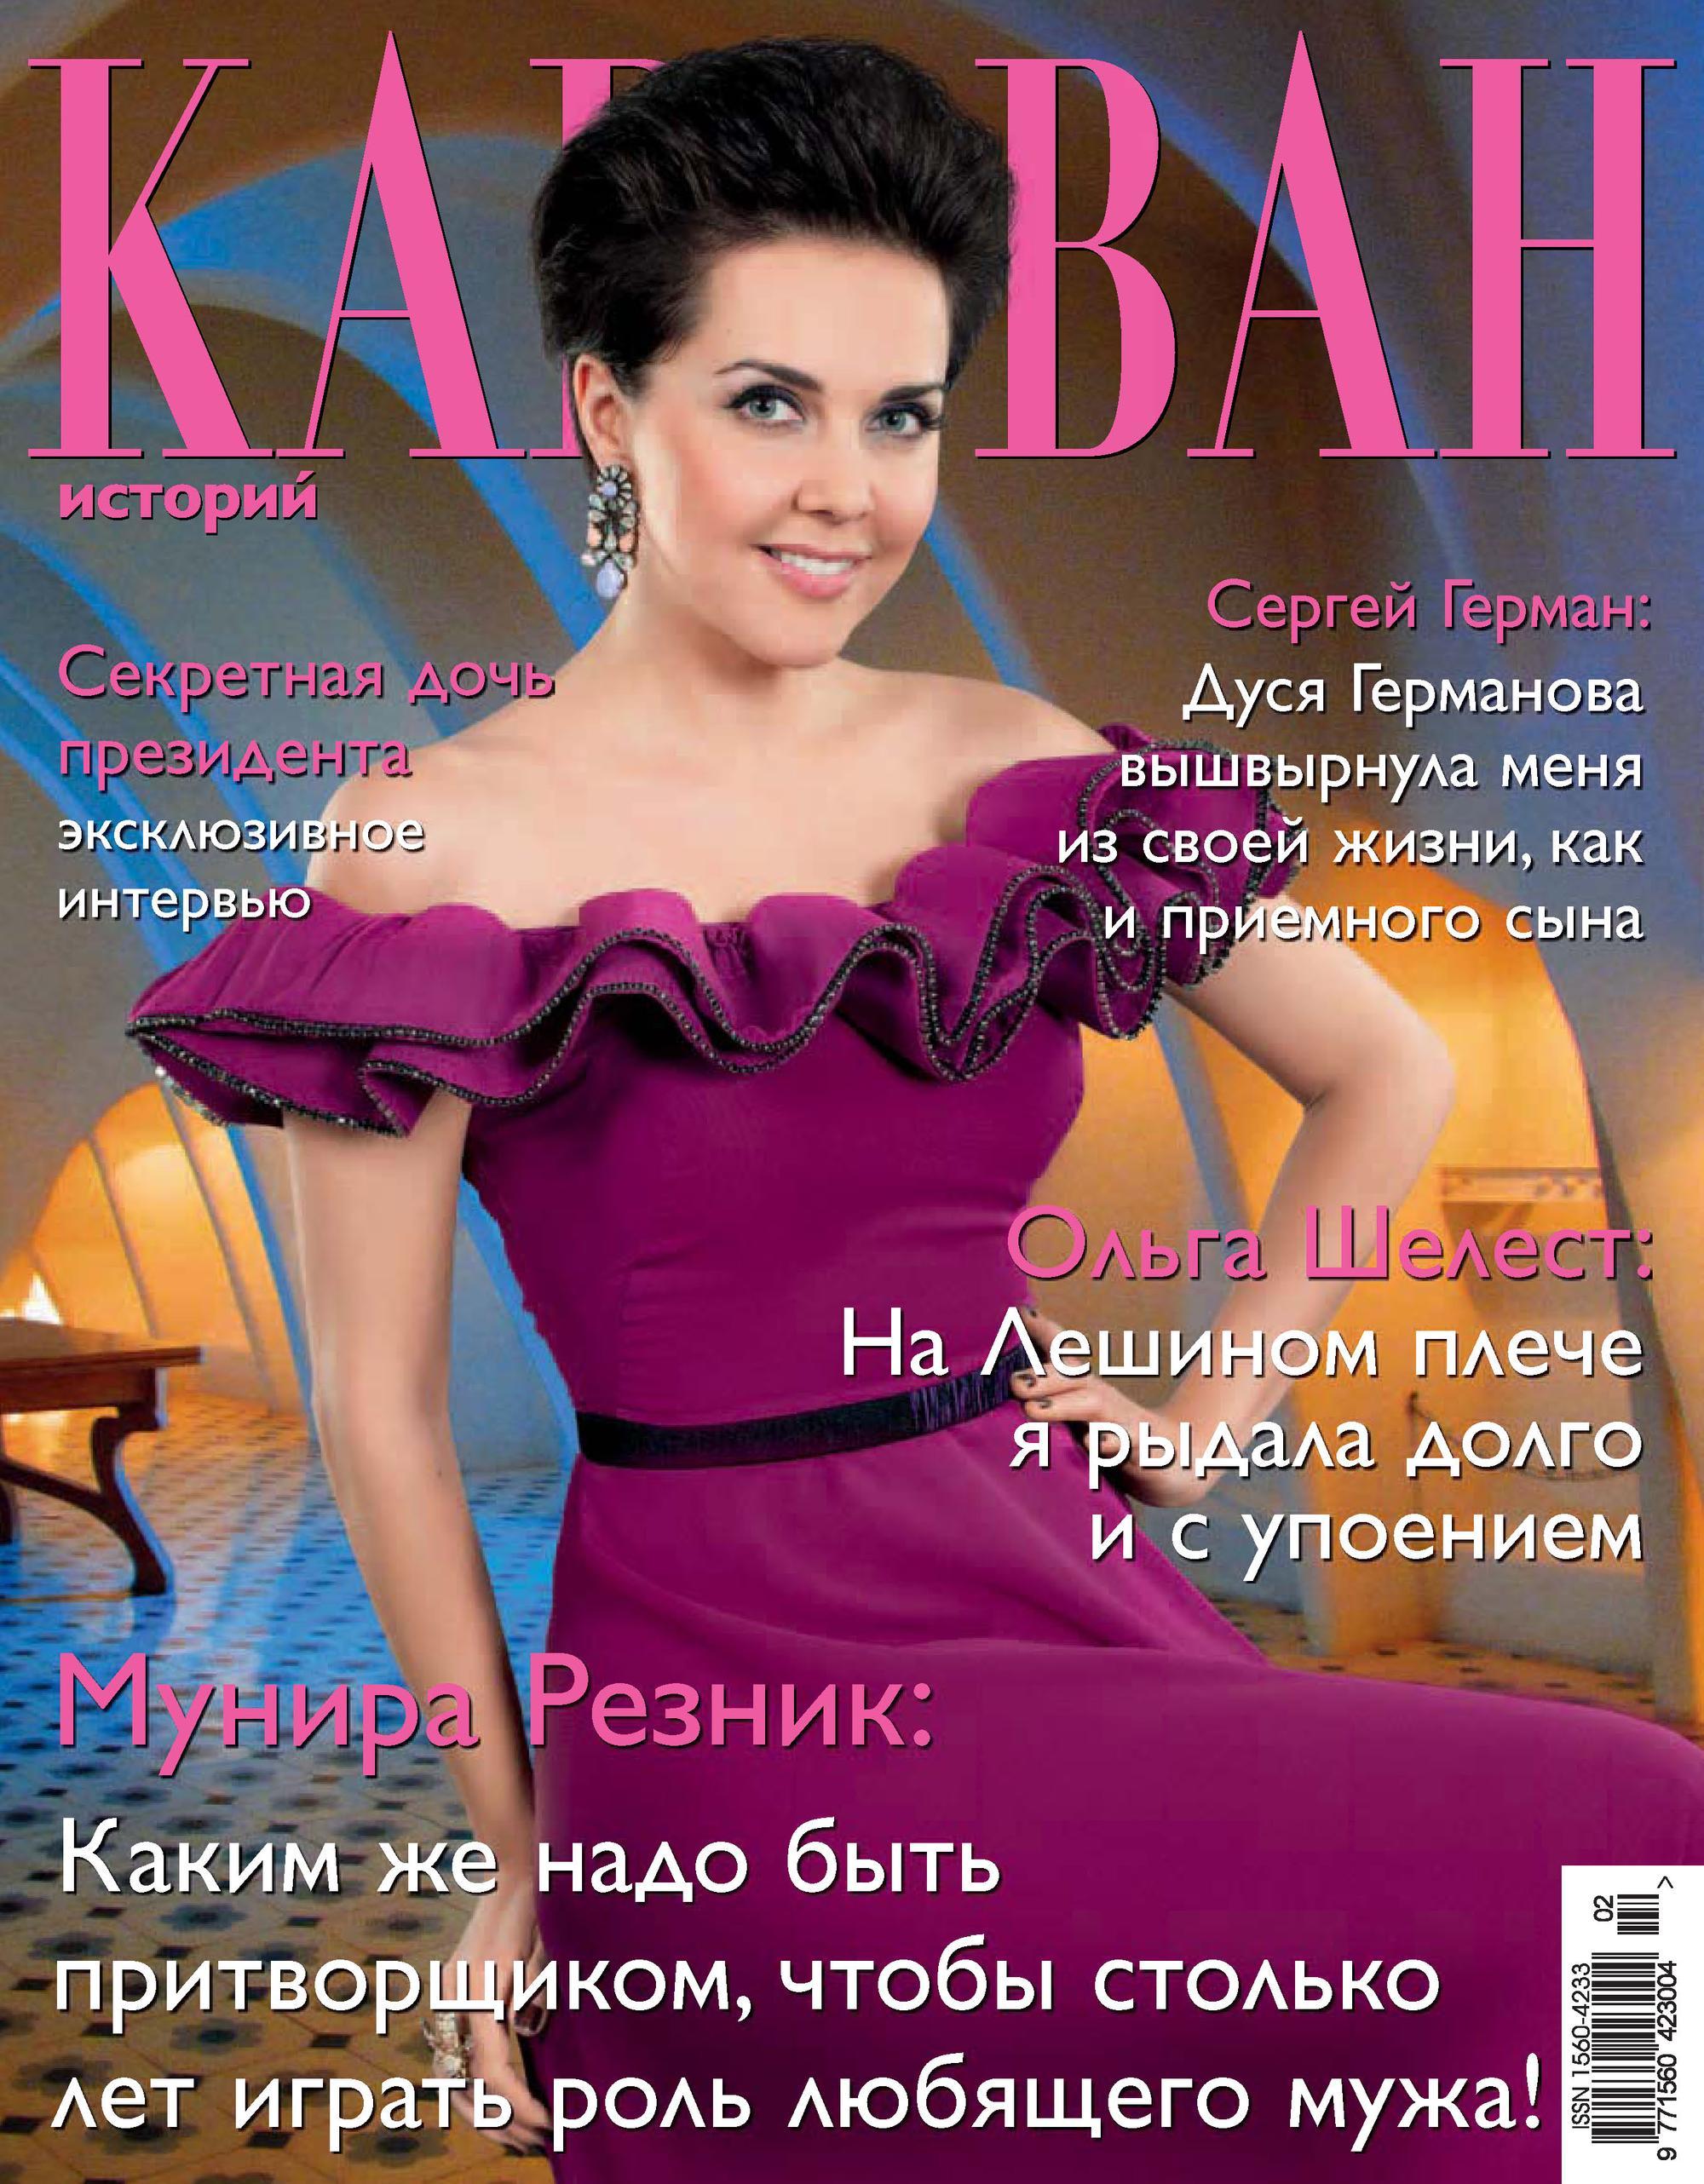 Караван историй №02 / февраль 2013